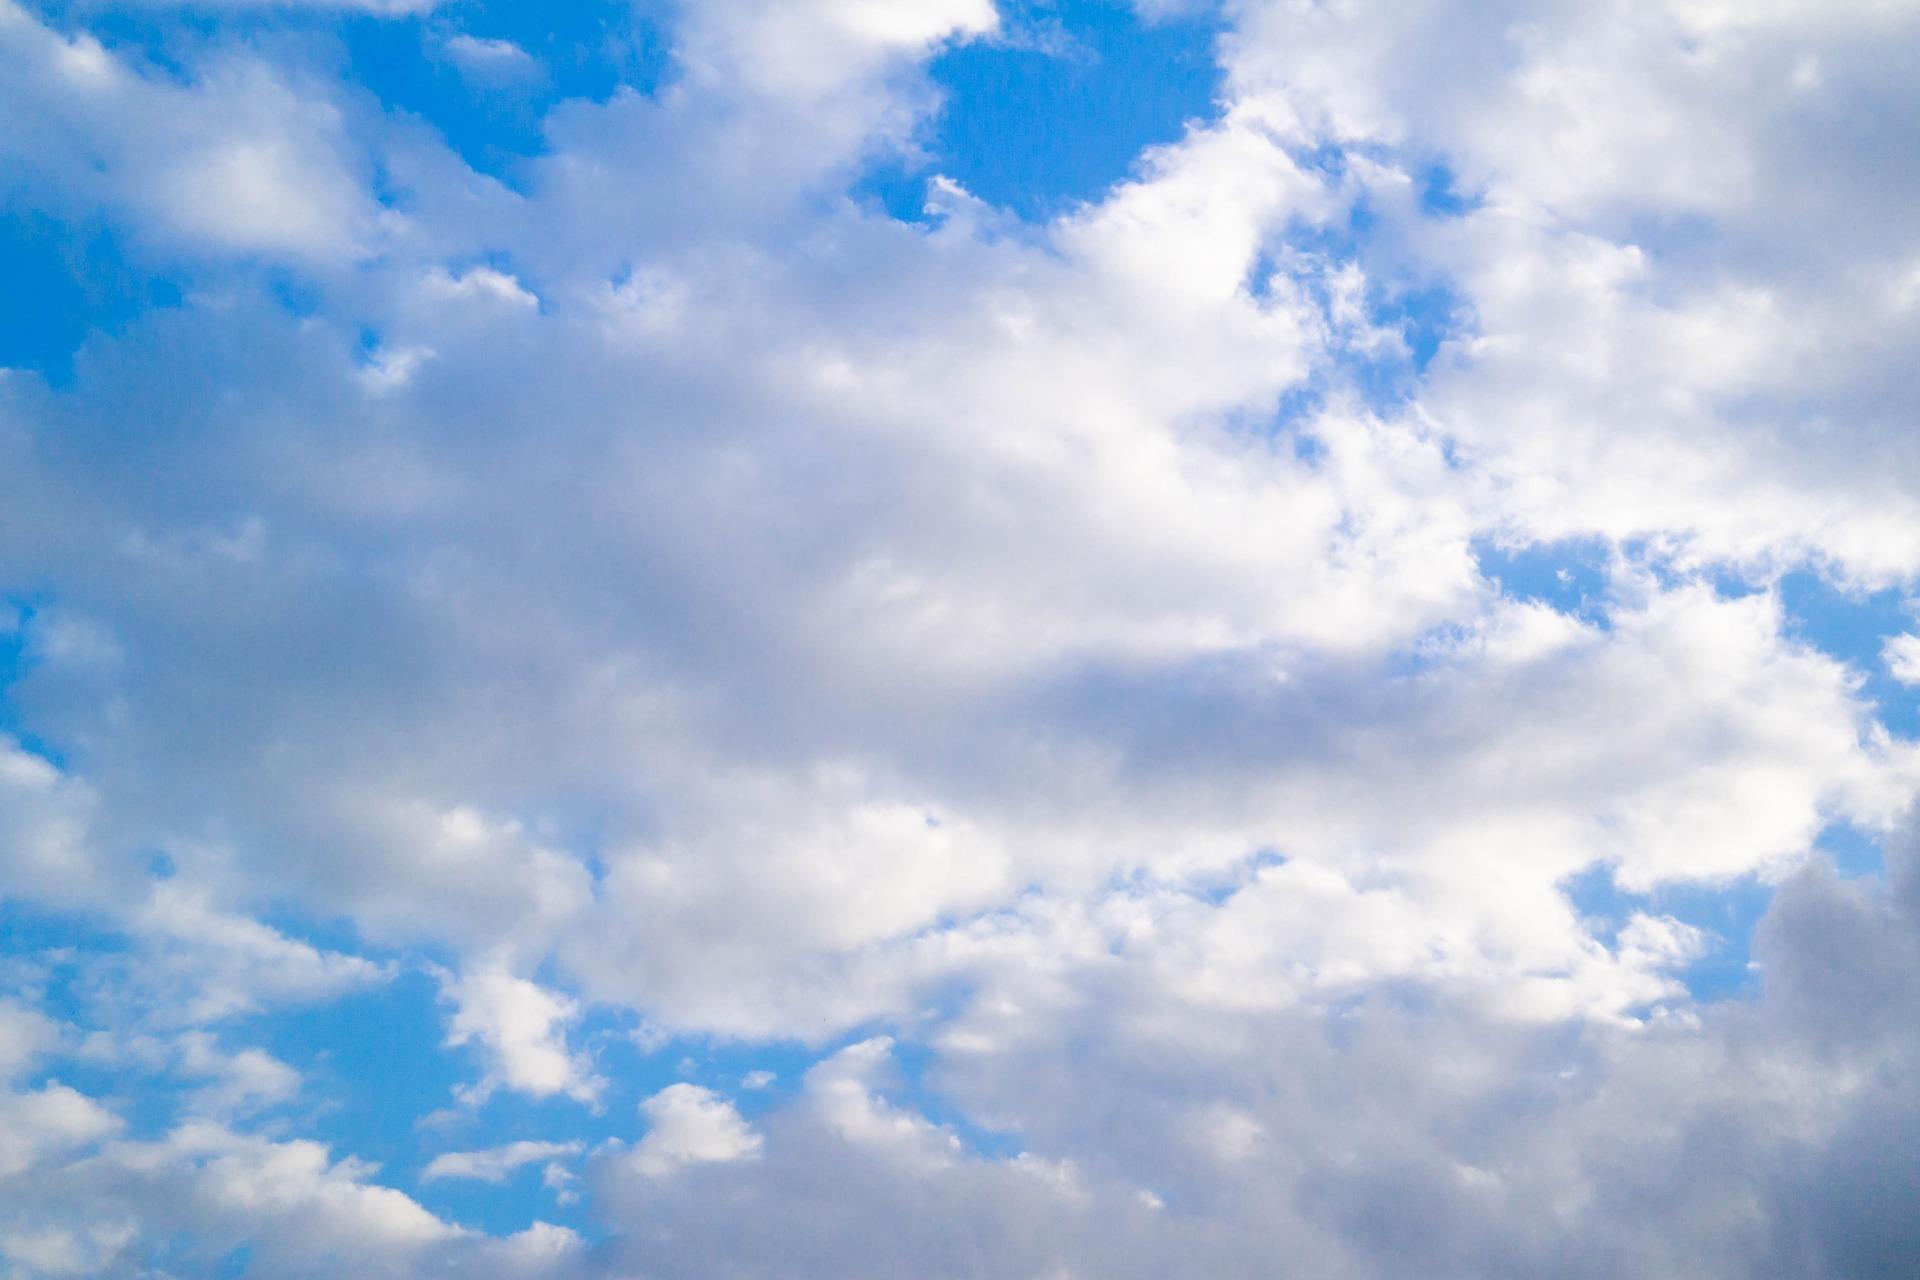 sky-3627754_1920.jpg